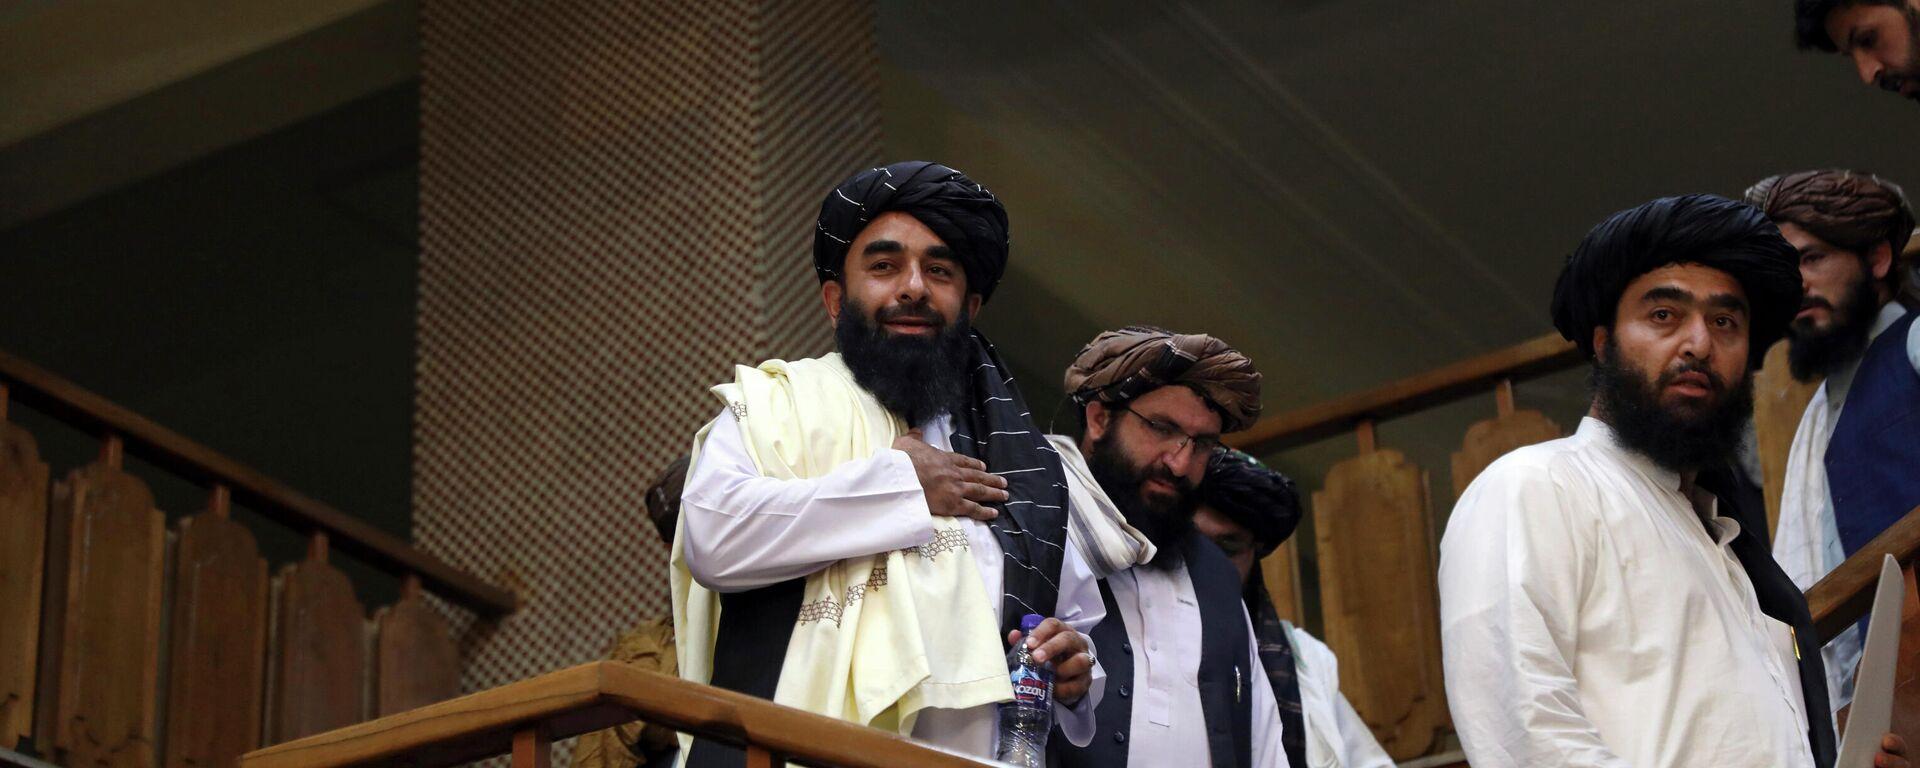 Представитель Талибана Забихулла Муджахид (слева) прибывает на свою первую пресс-конференцию в Информационный центр правительственных СМИ в Кабуле - Sputnik Таджикистан, 1920, 24.09.2021